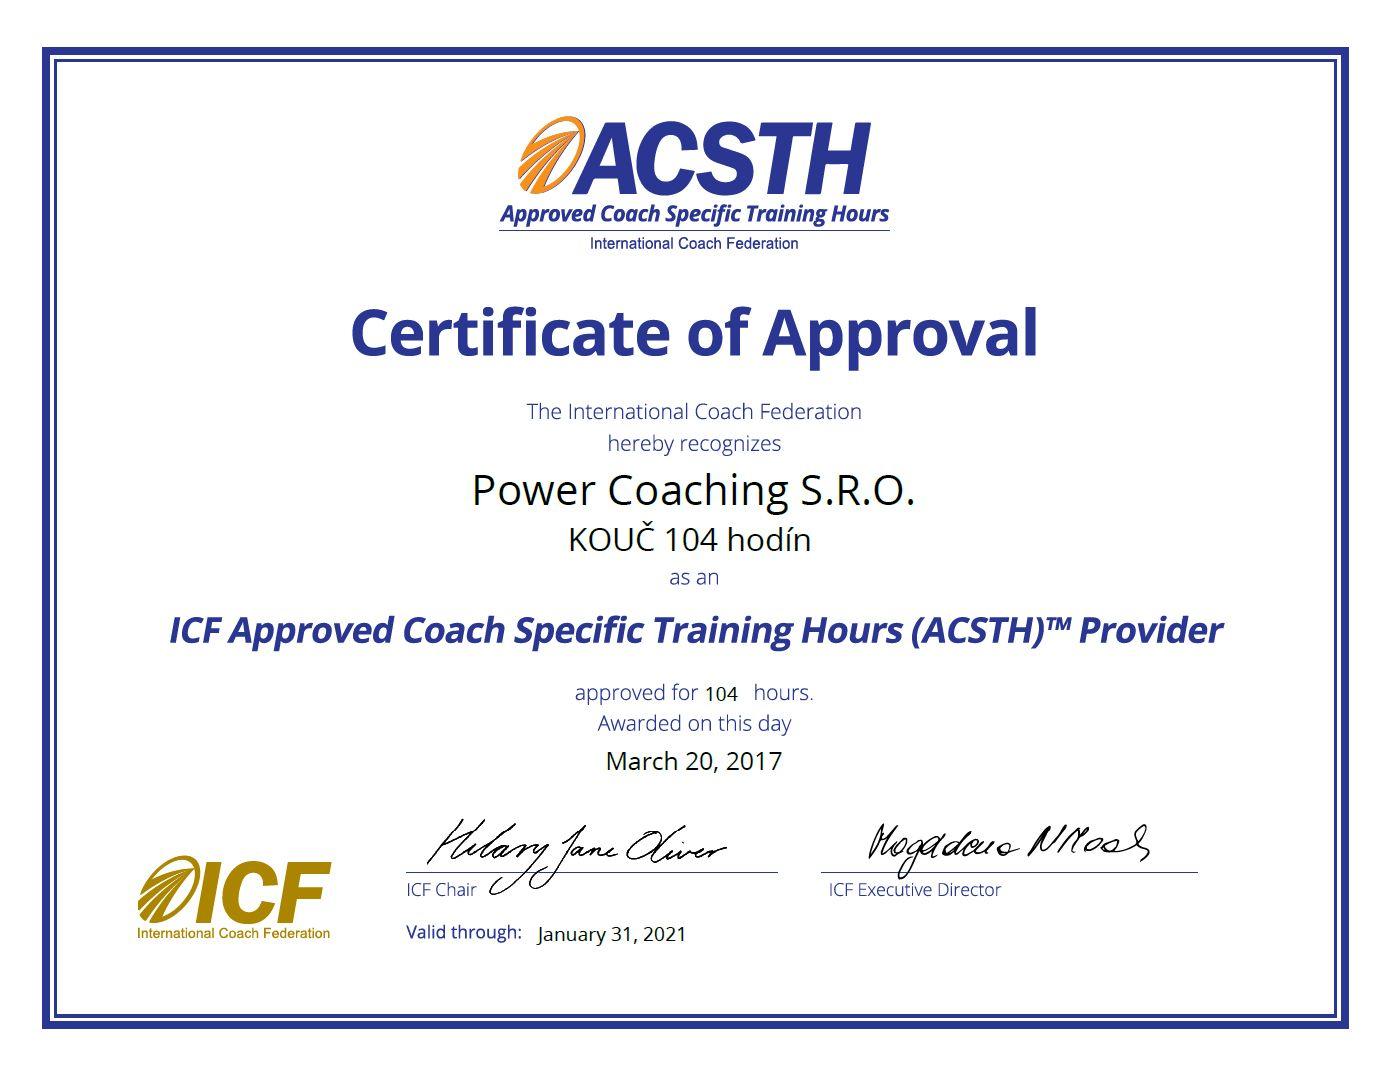 Získajte medzinárodný certifikát ICF (International Coach Federation)